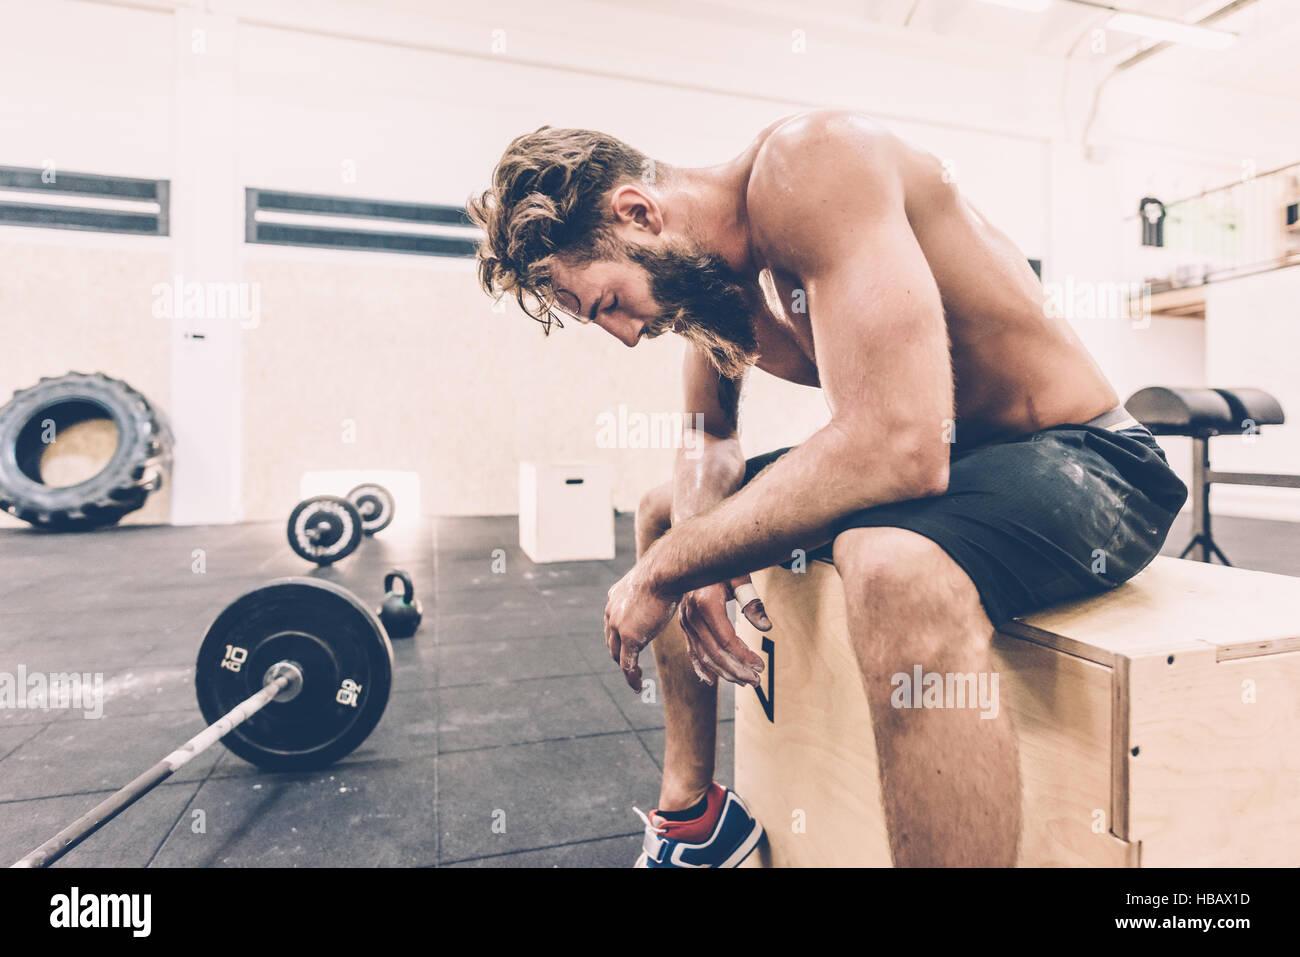 Épuisé homme cross trainer de prendre une pause de la salle de sport en haltérophilie Photo Stock